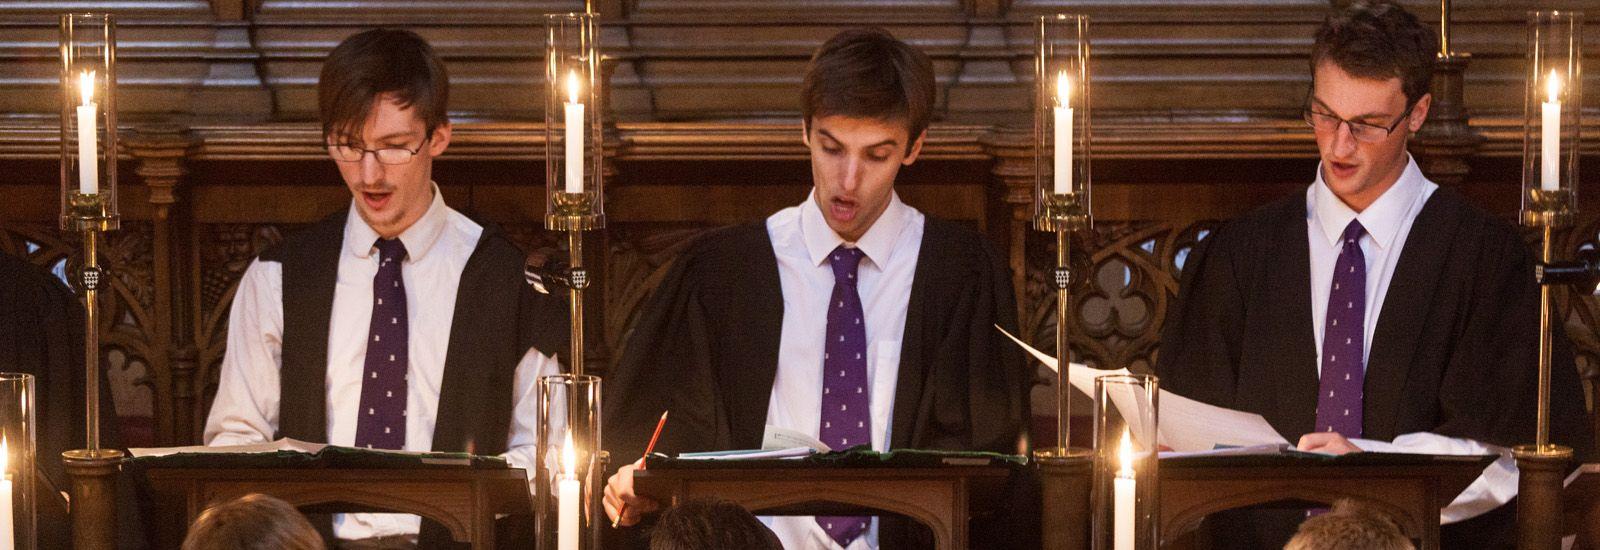 Magdalen choir